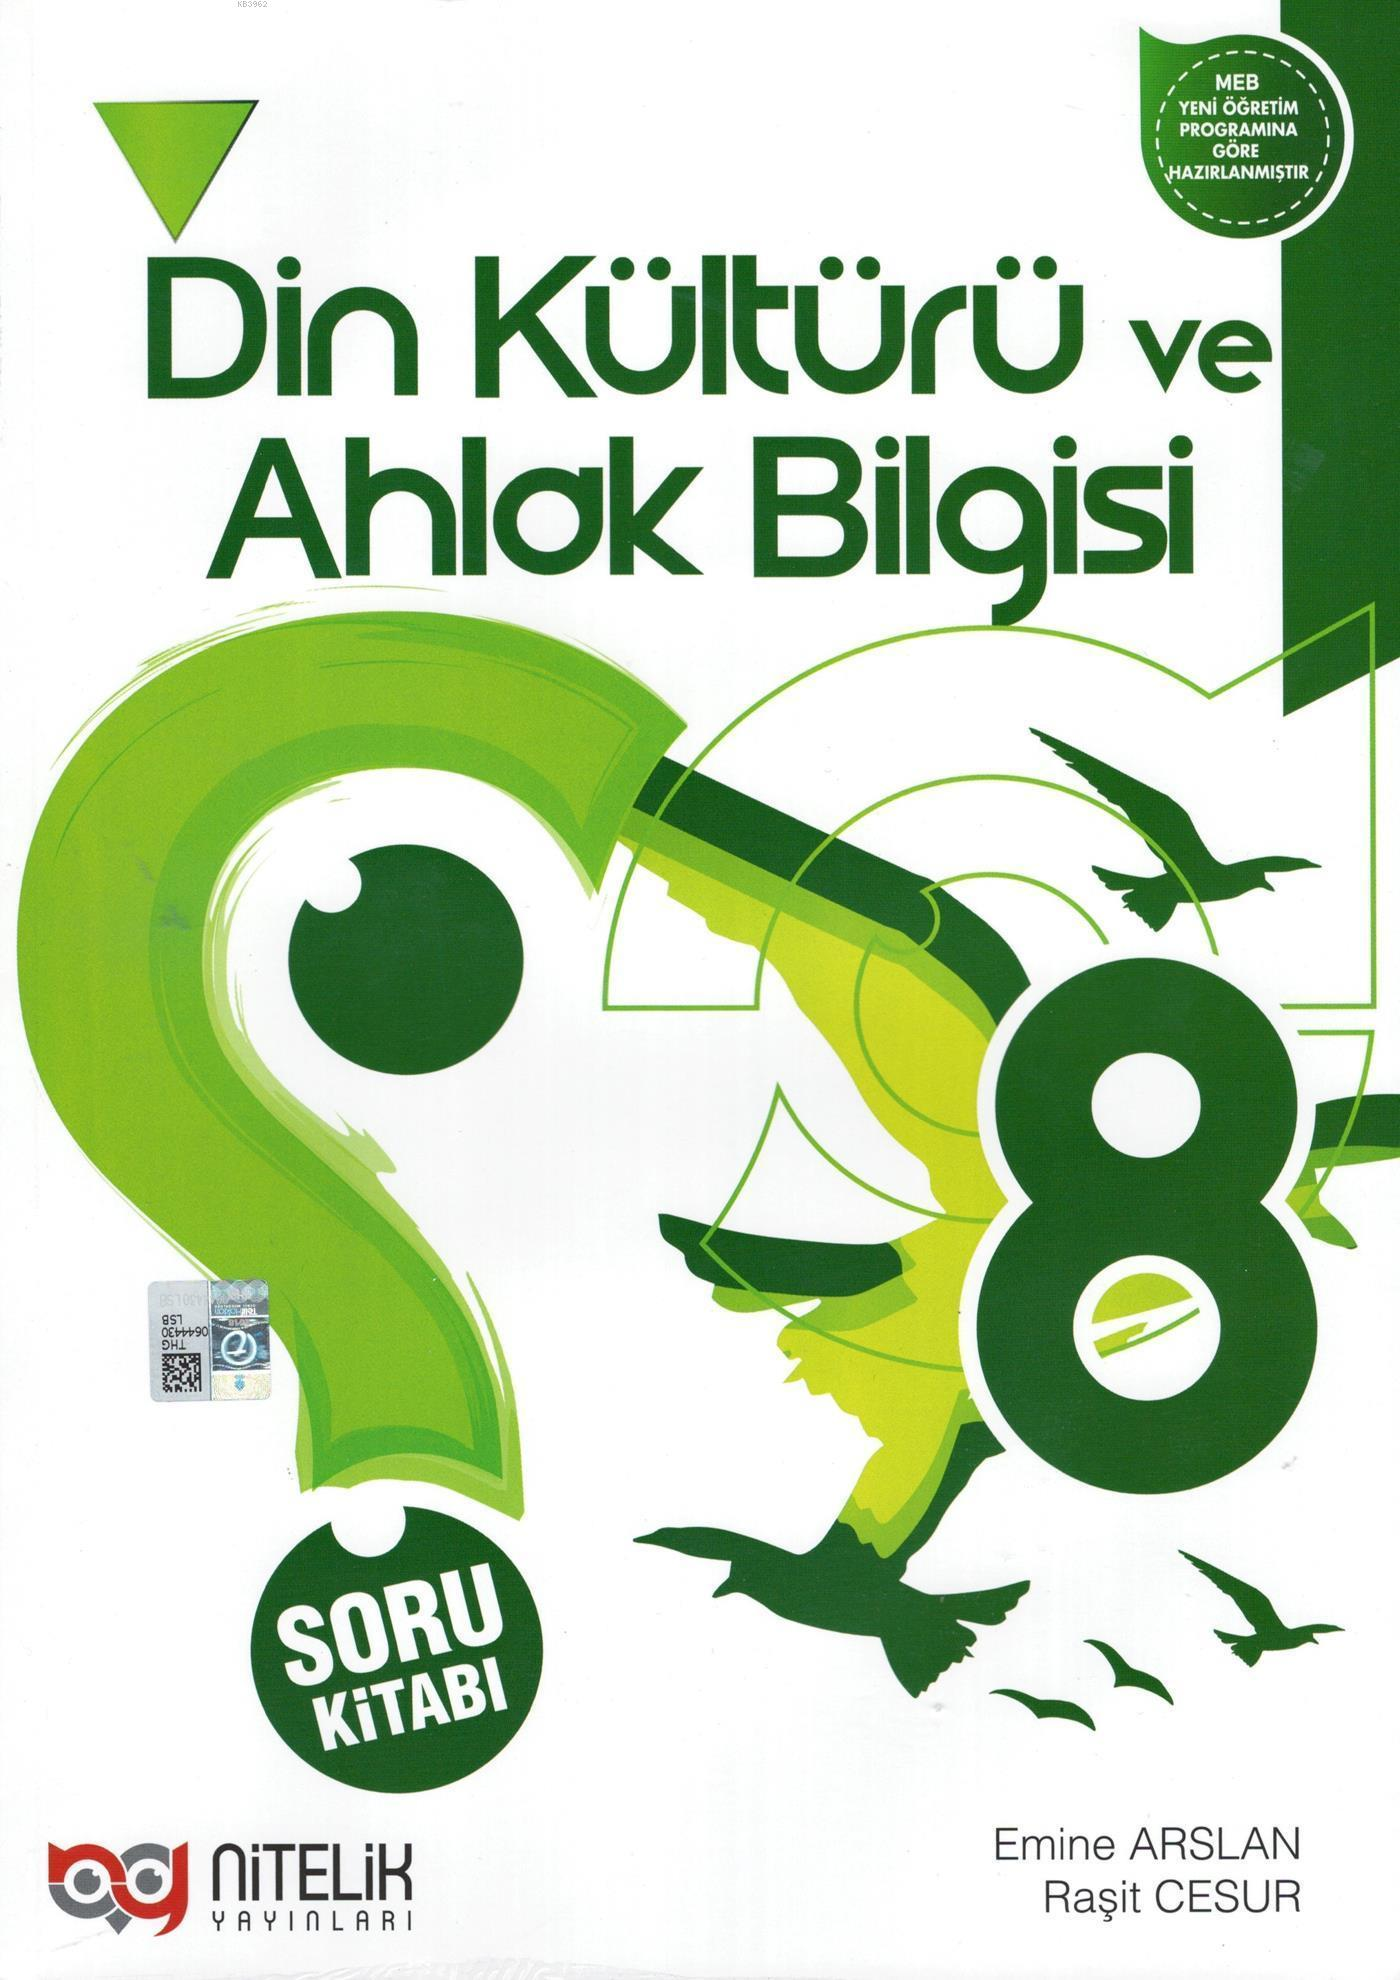 Nitelik Yayınları 8. Sınıf Din Kültürü ve Ahlak Bilgisi Soru Kitabı Nitelik